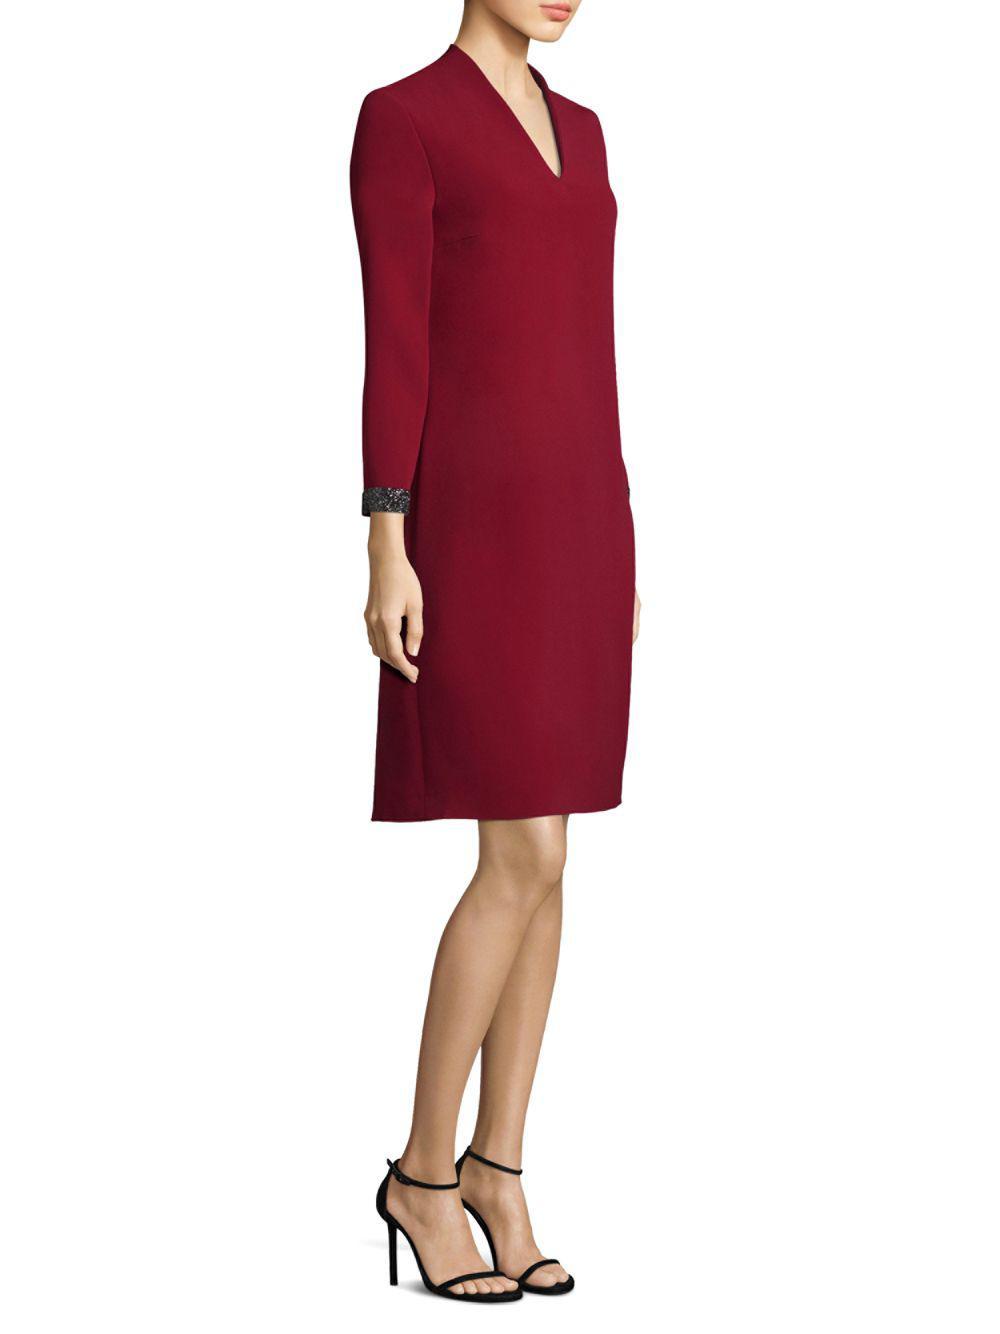 a00b5fbfb2db5 Lyst - ESCADA Crystal Cuff Crepe Shift Dress in Red - Save 3%